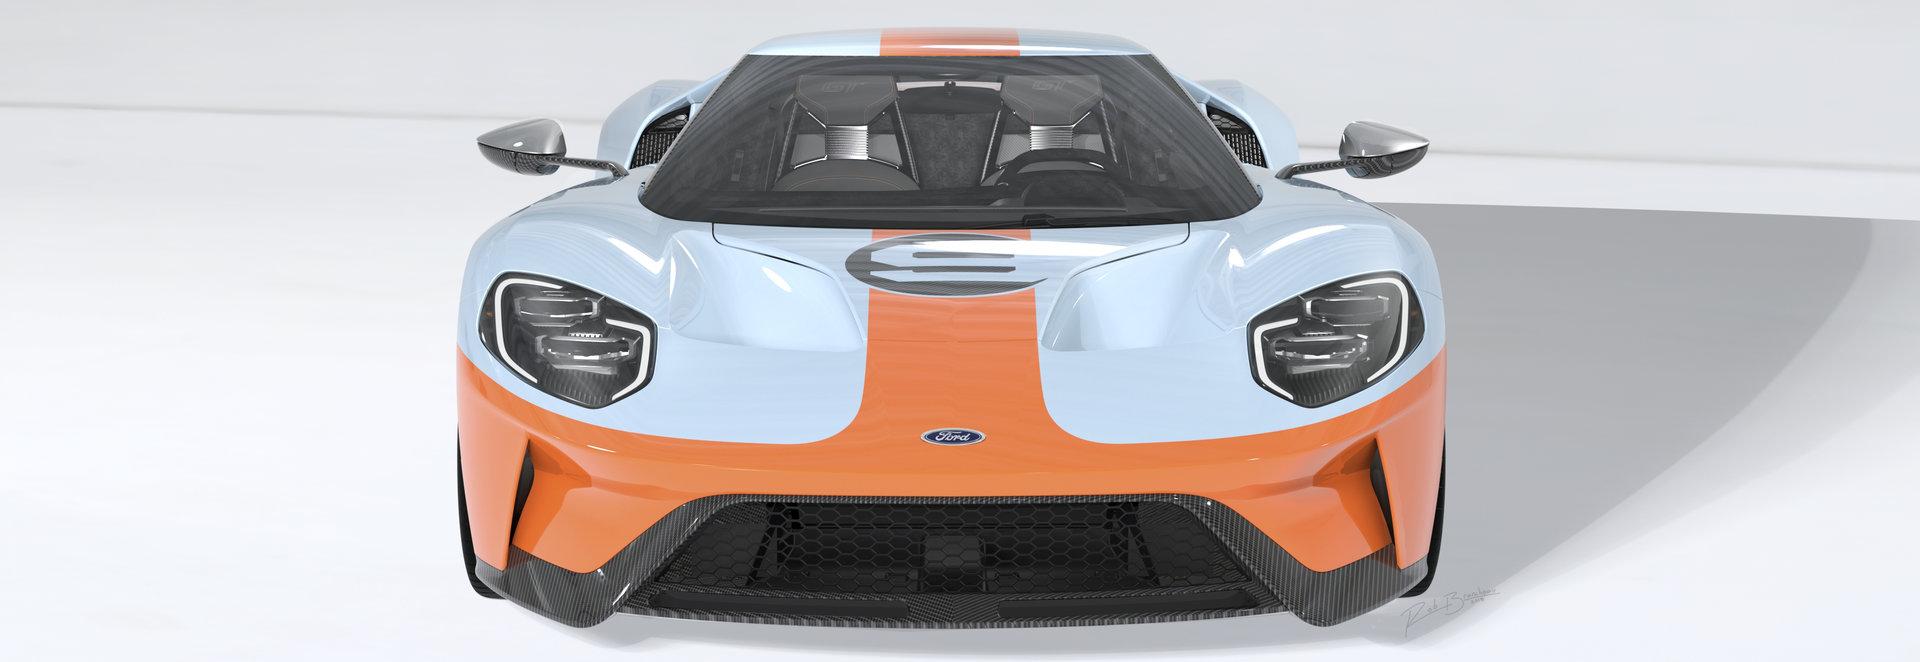 A vueltas con las subastas del Ford GT